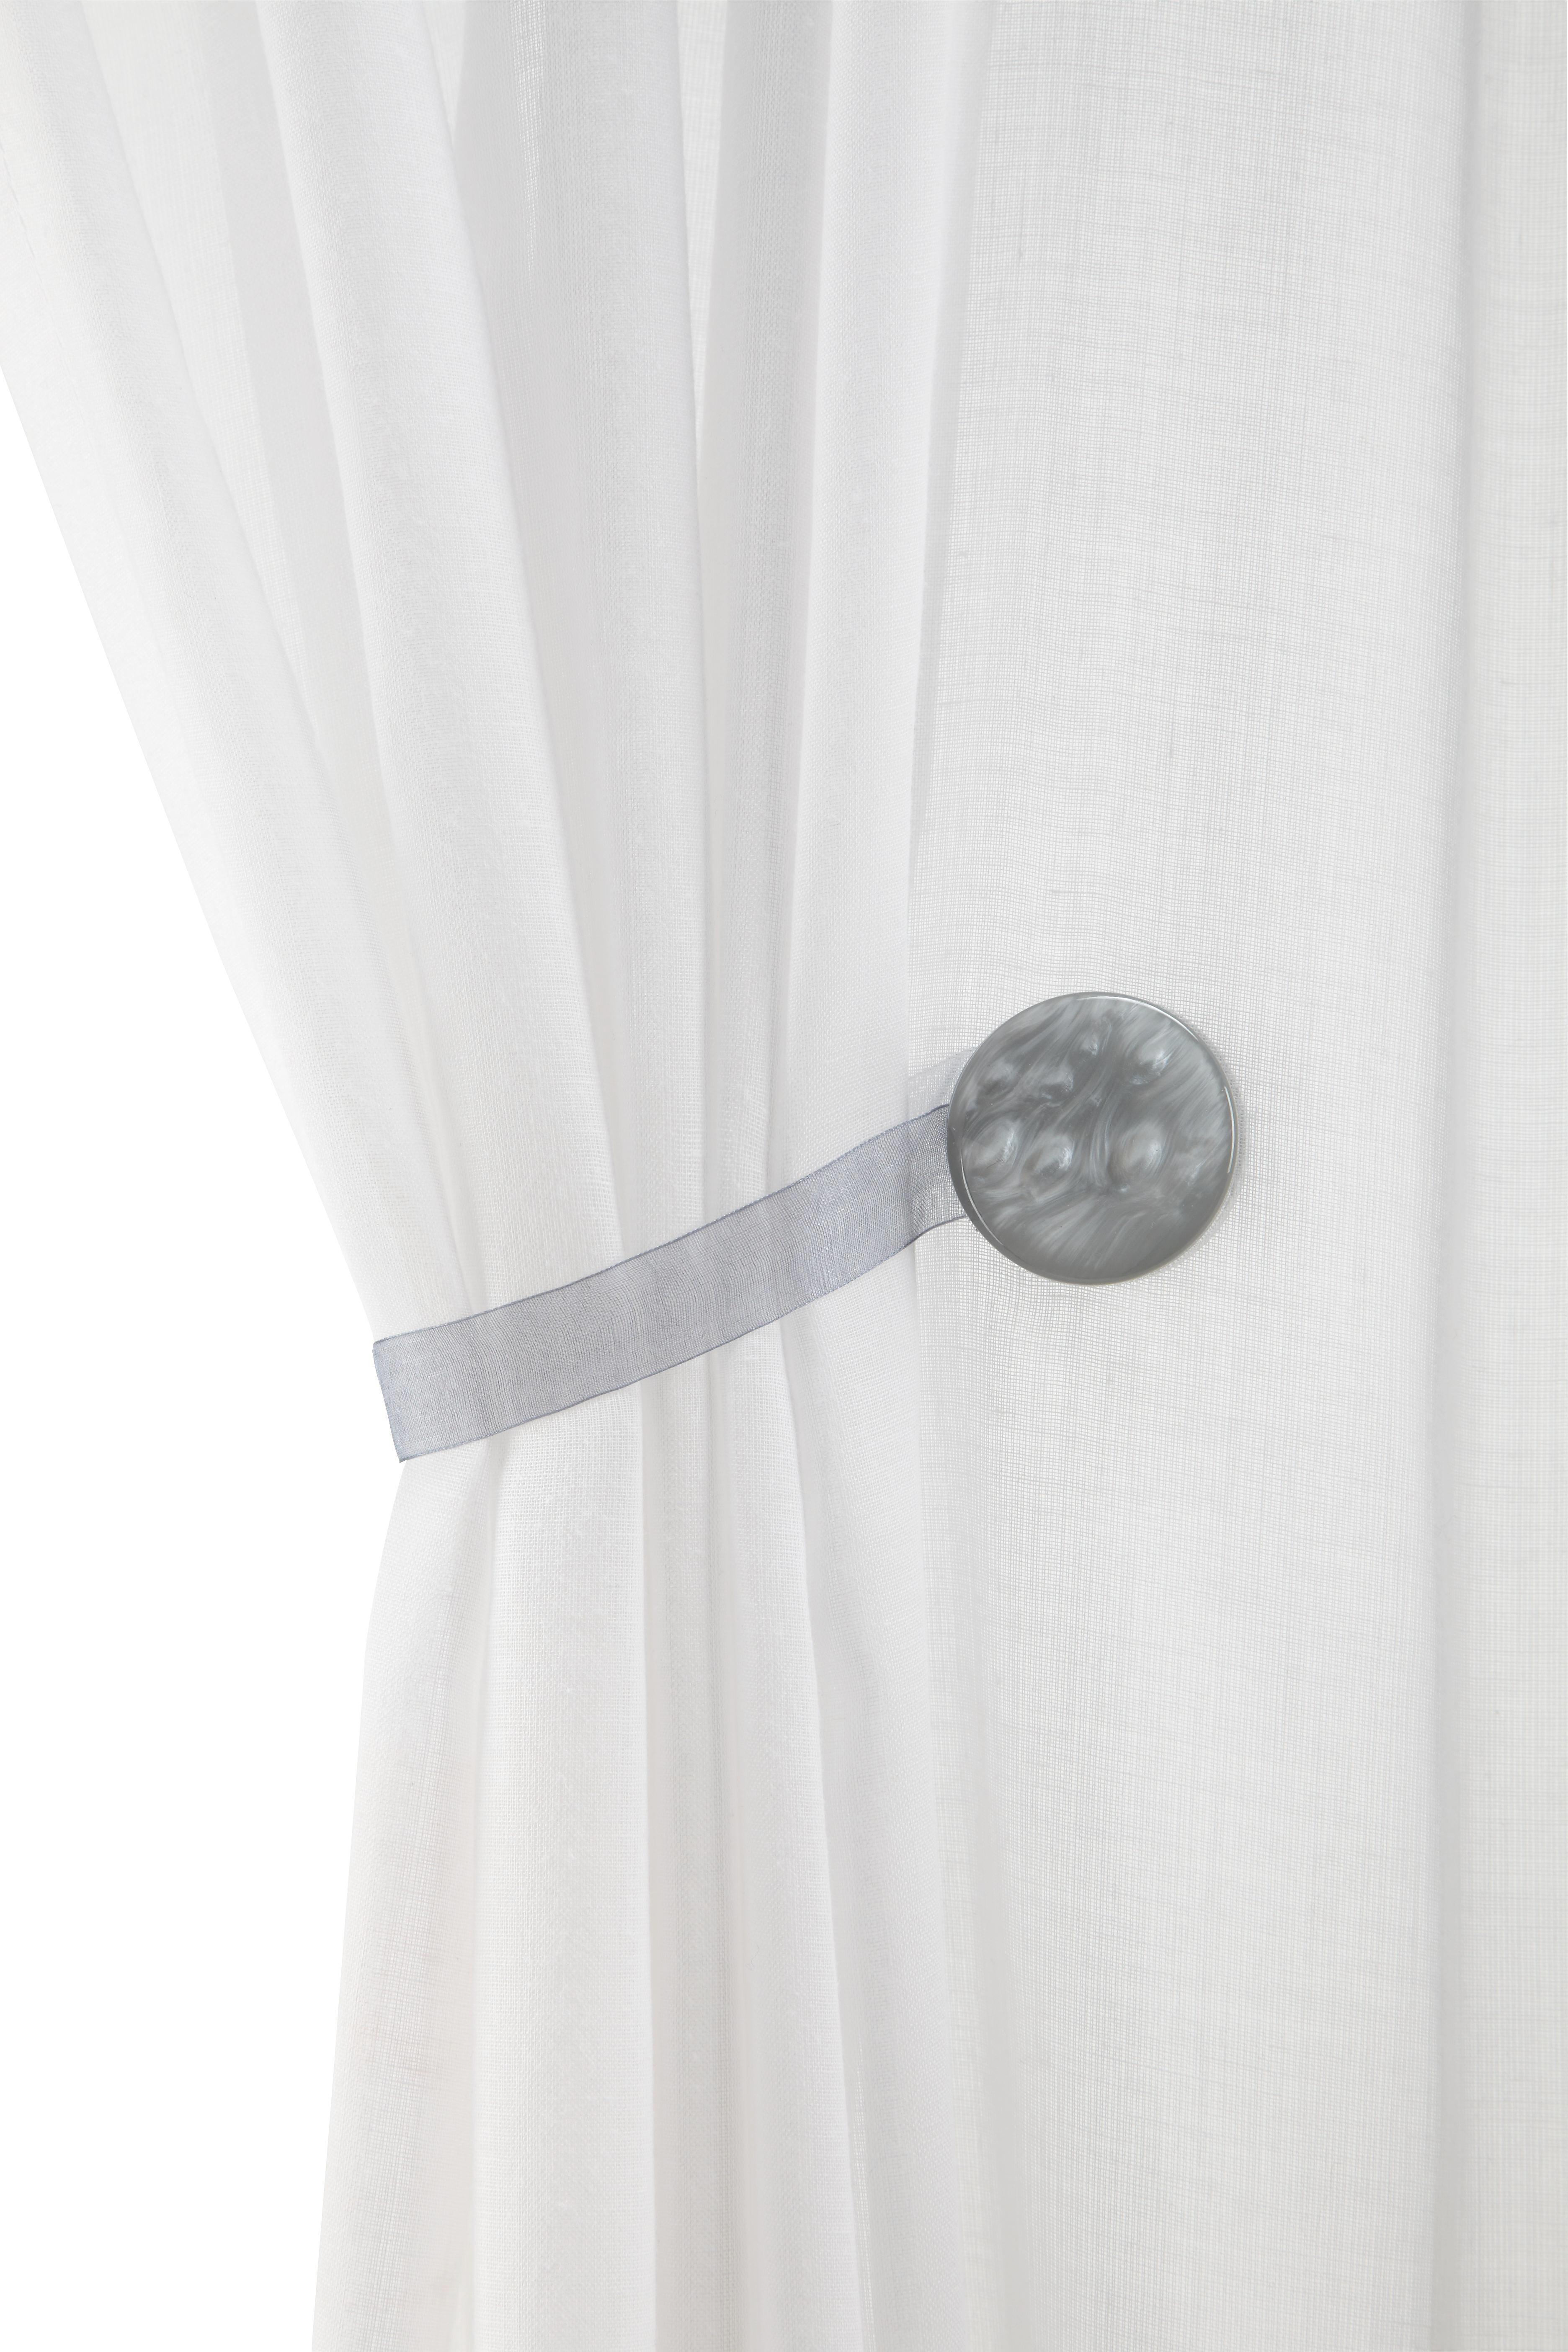 Függönyelkötő Perlmutt - fehér/szürke, textil (4cm) - MÖMAX modern living